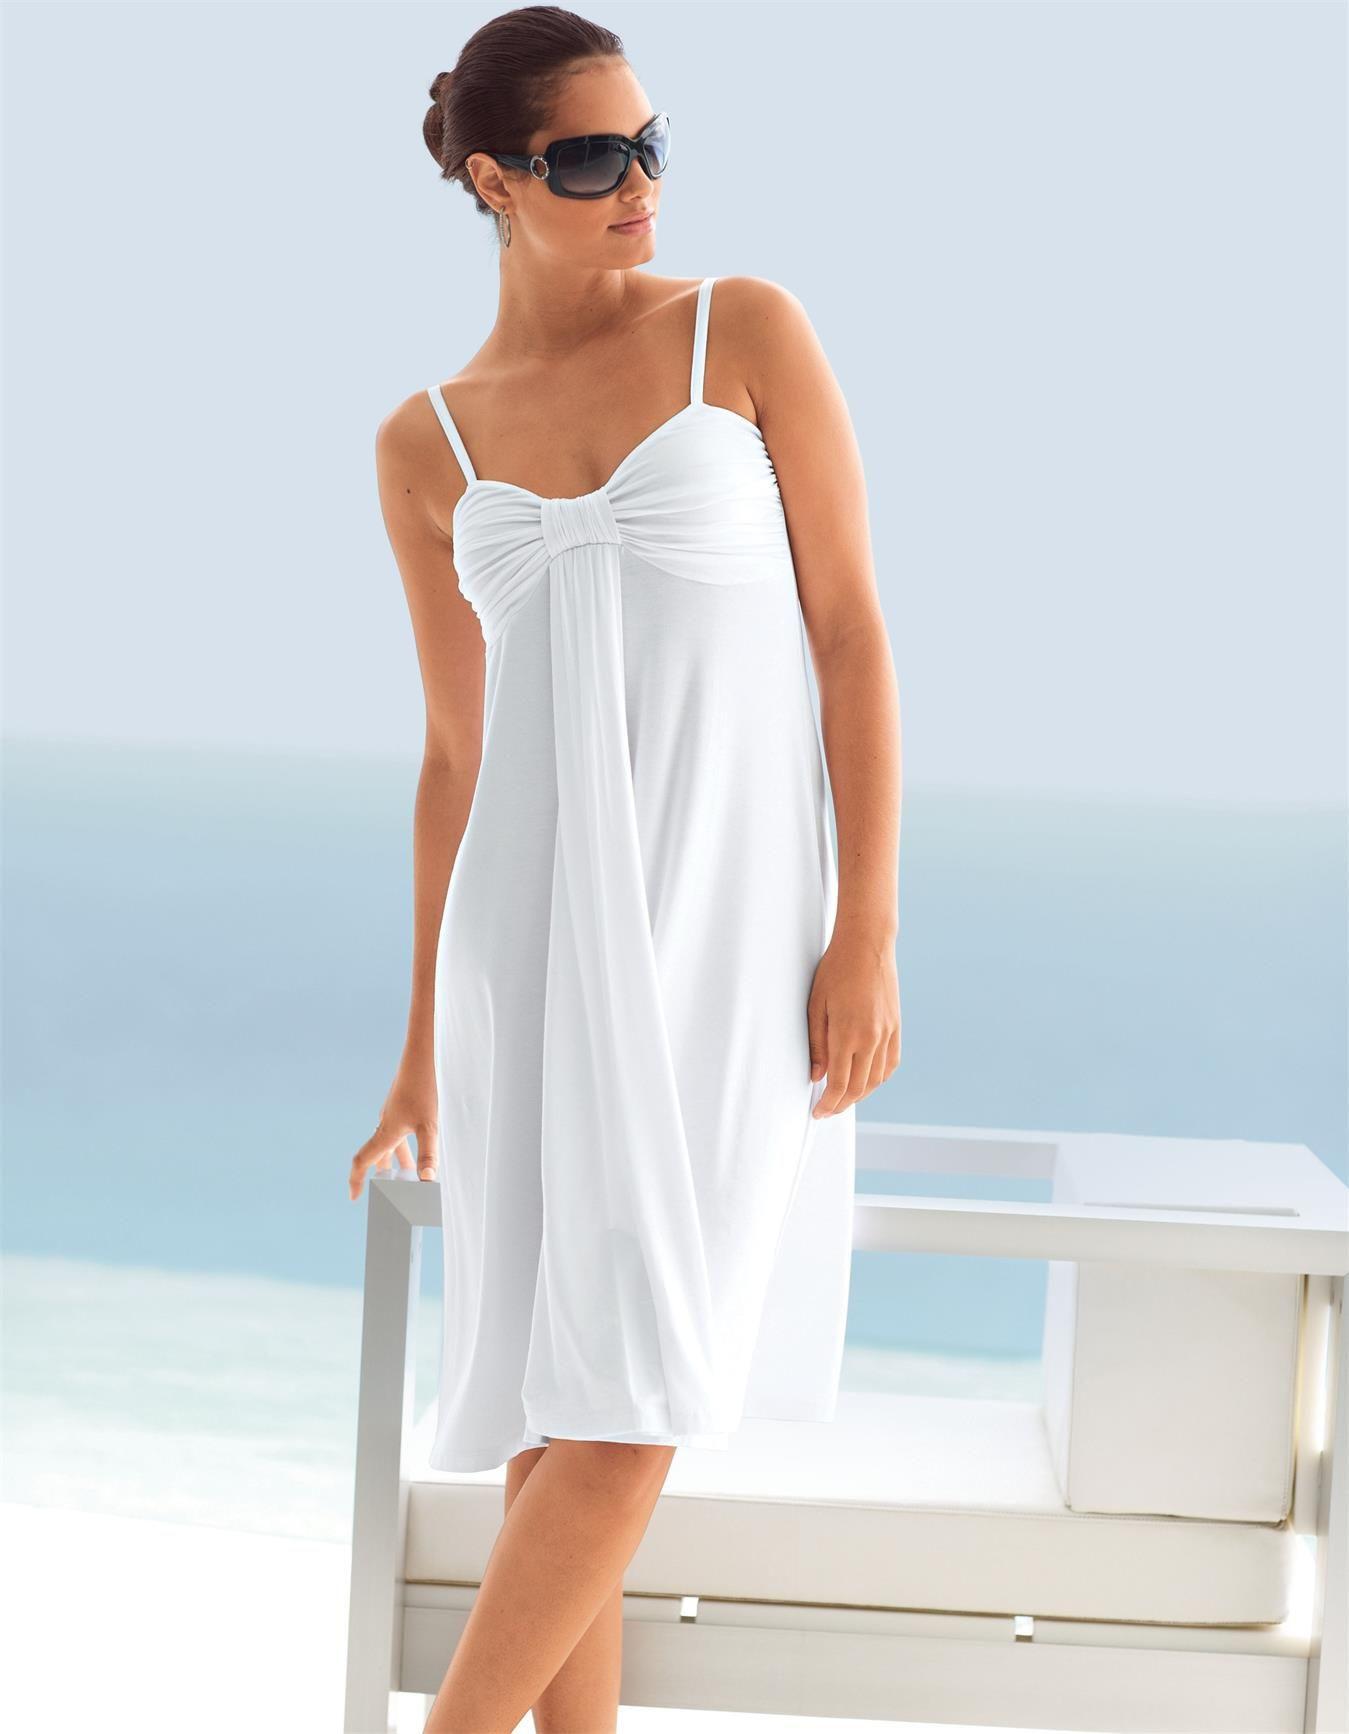 Strandkleid In Der Farbe Weiß  Im Madeleine Mode Onlineshop